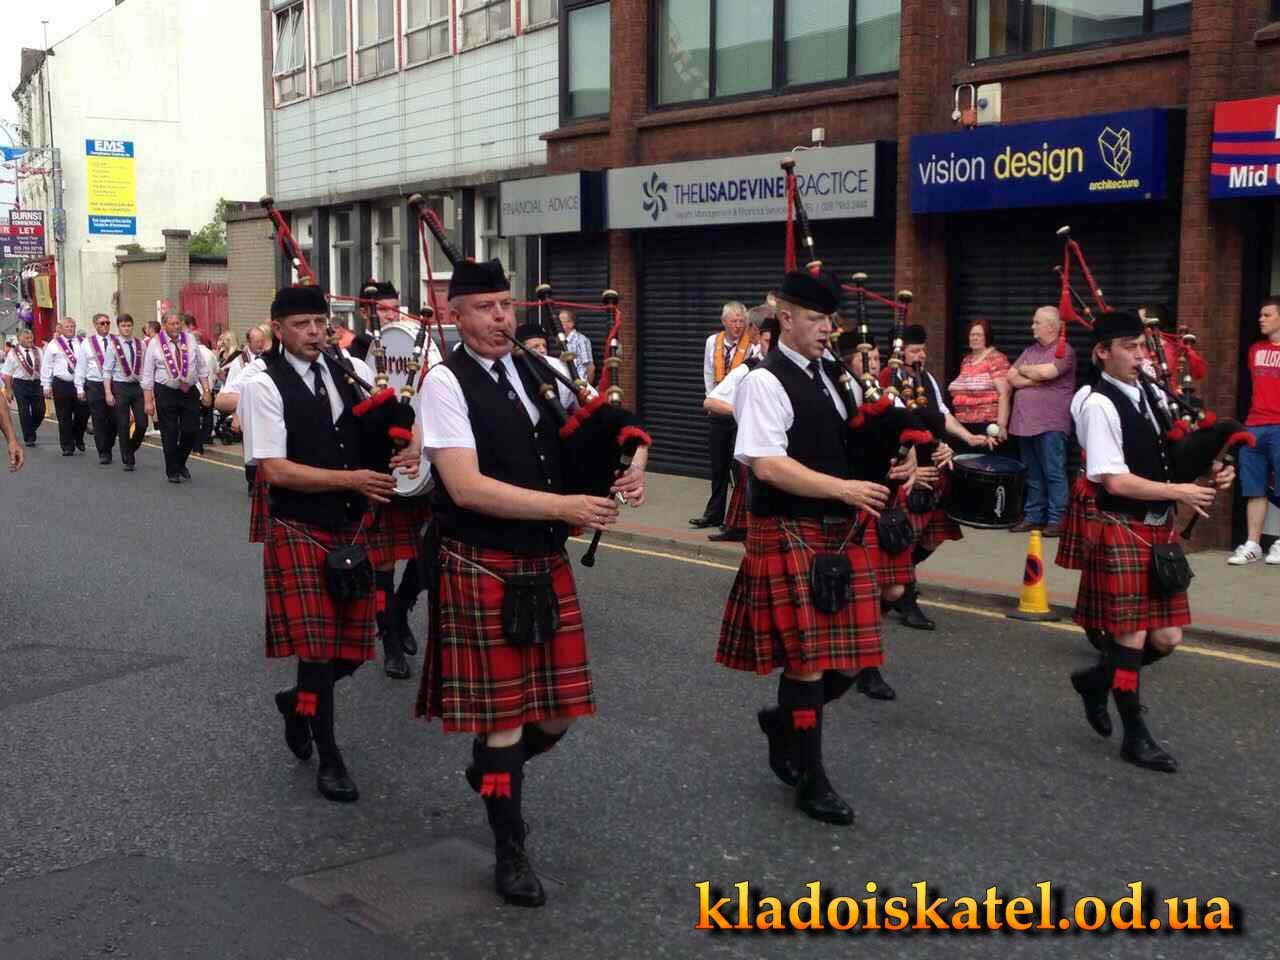 ирландцы в юбках